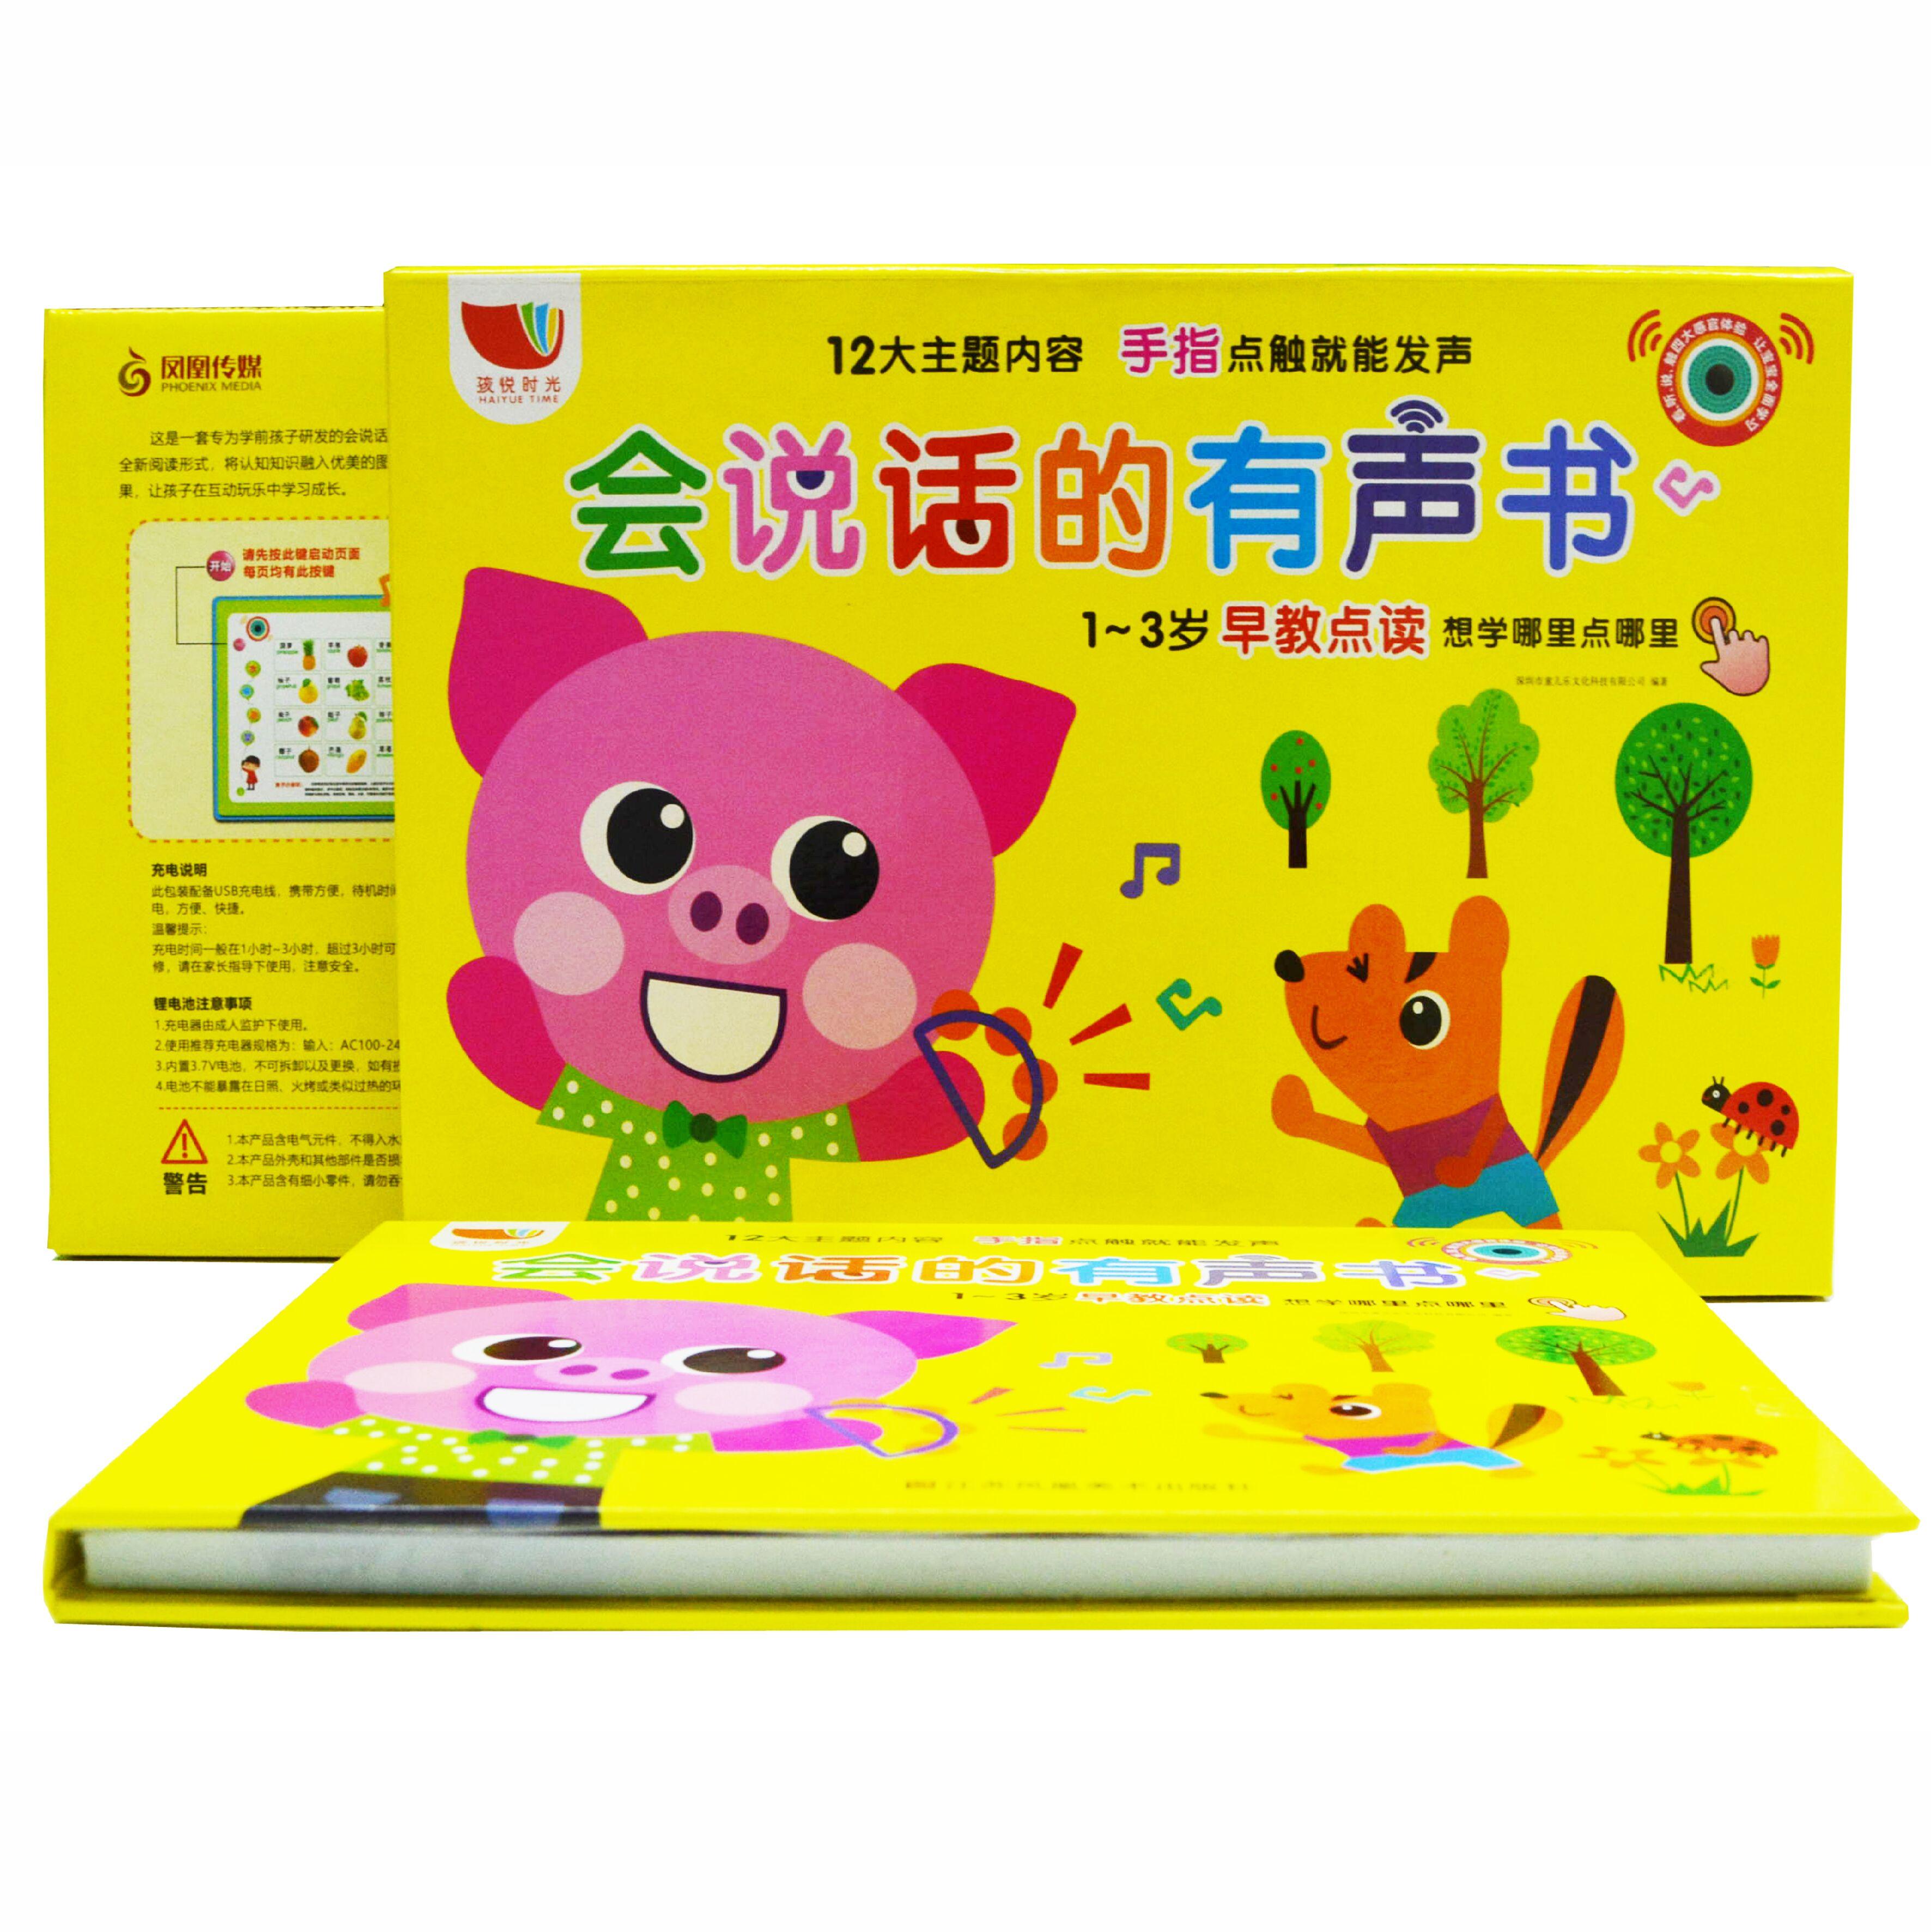 会说话的早教有声书宝宝学说话儿童早教书绘本1-2-3岁书籍宝宝点读认知发声书早教有声读物婴儿认知书儿童书籍点读书幼儿有声读物